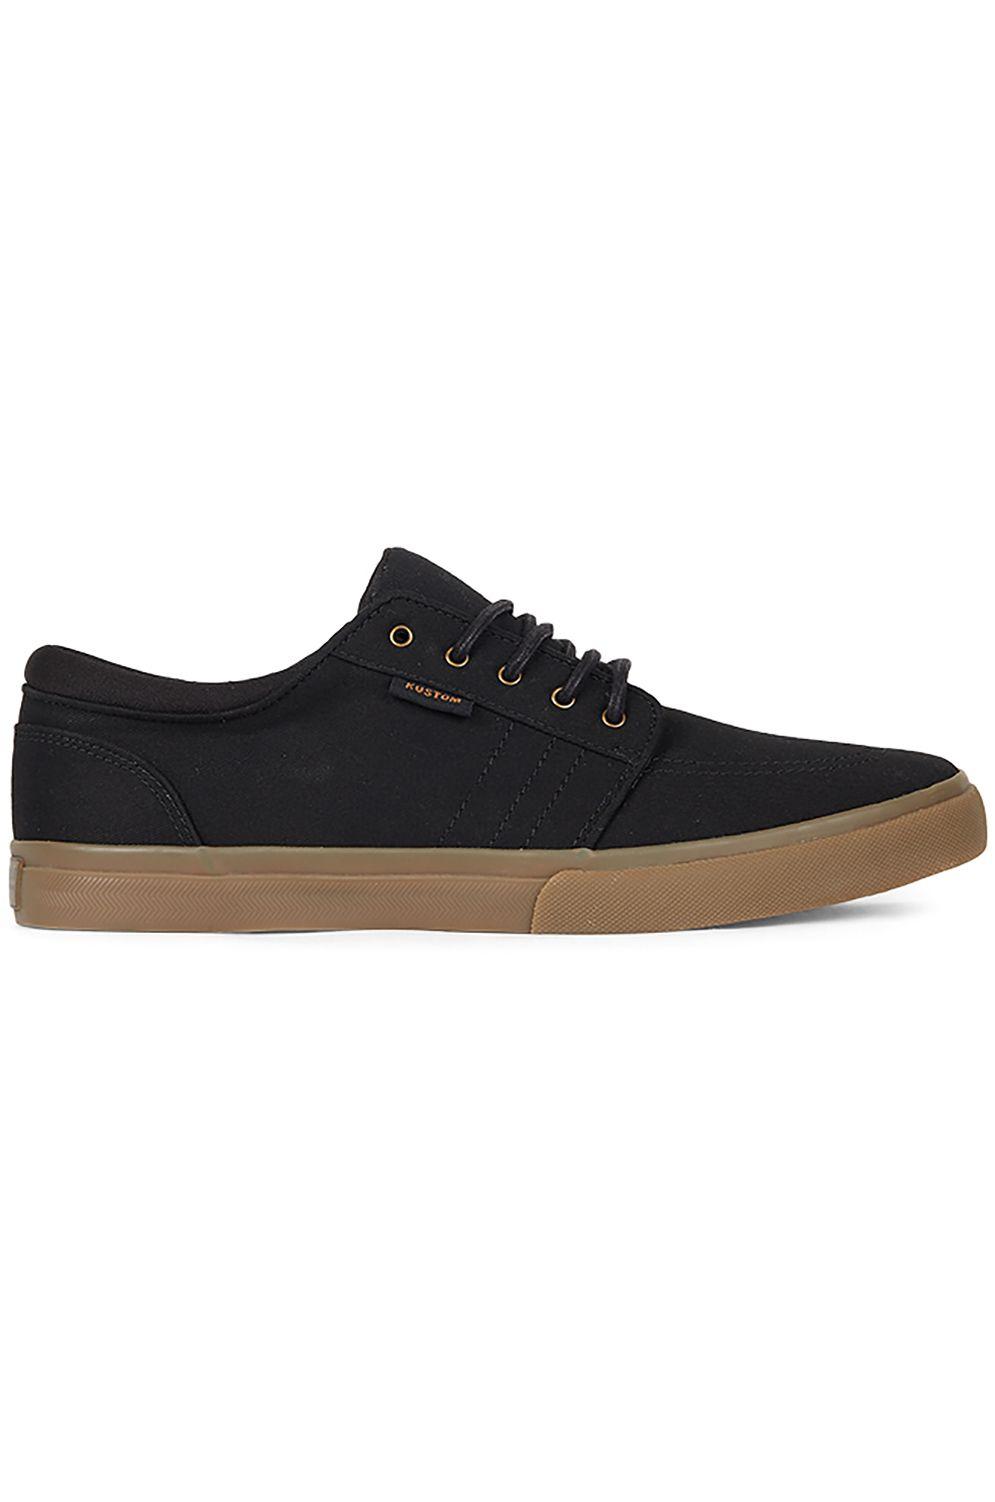 Kustom Shoes REMARK 2 Black Gum